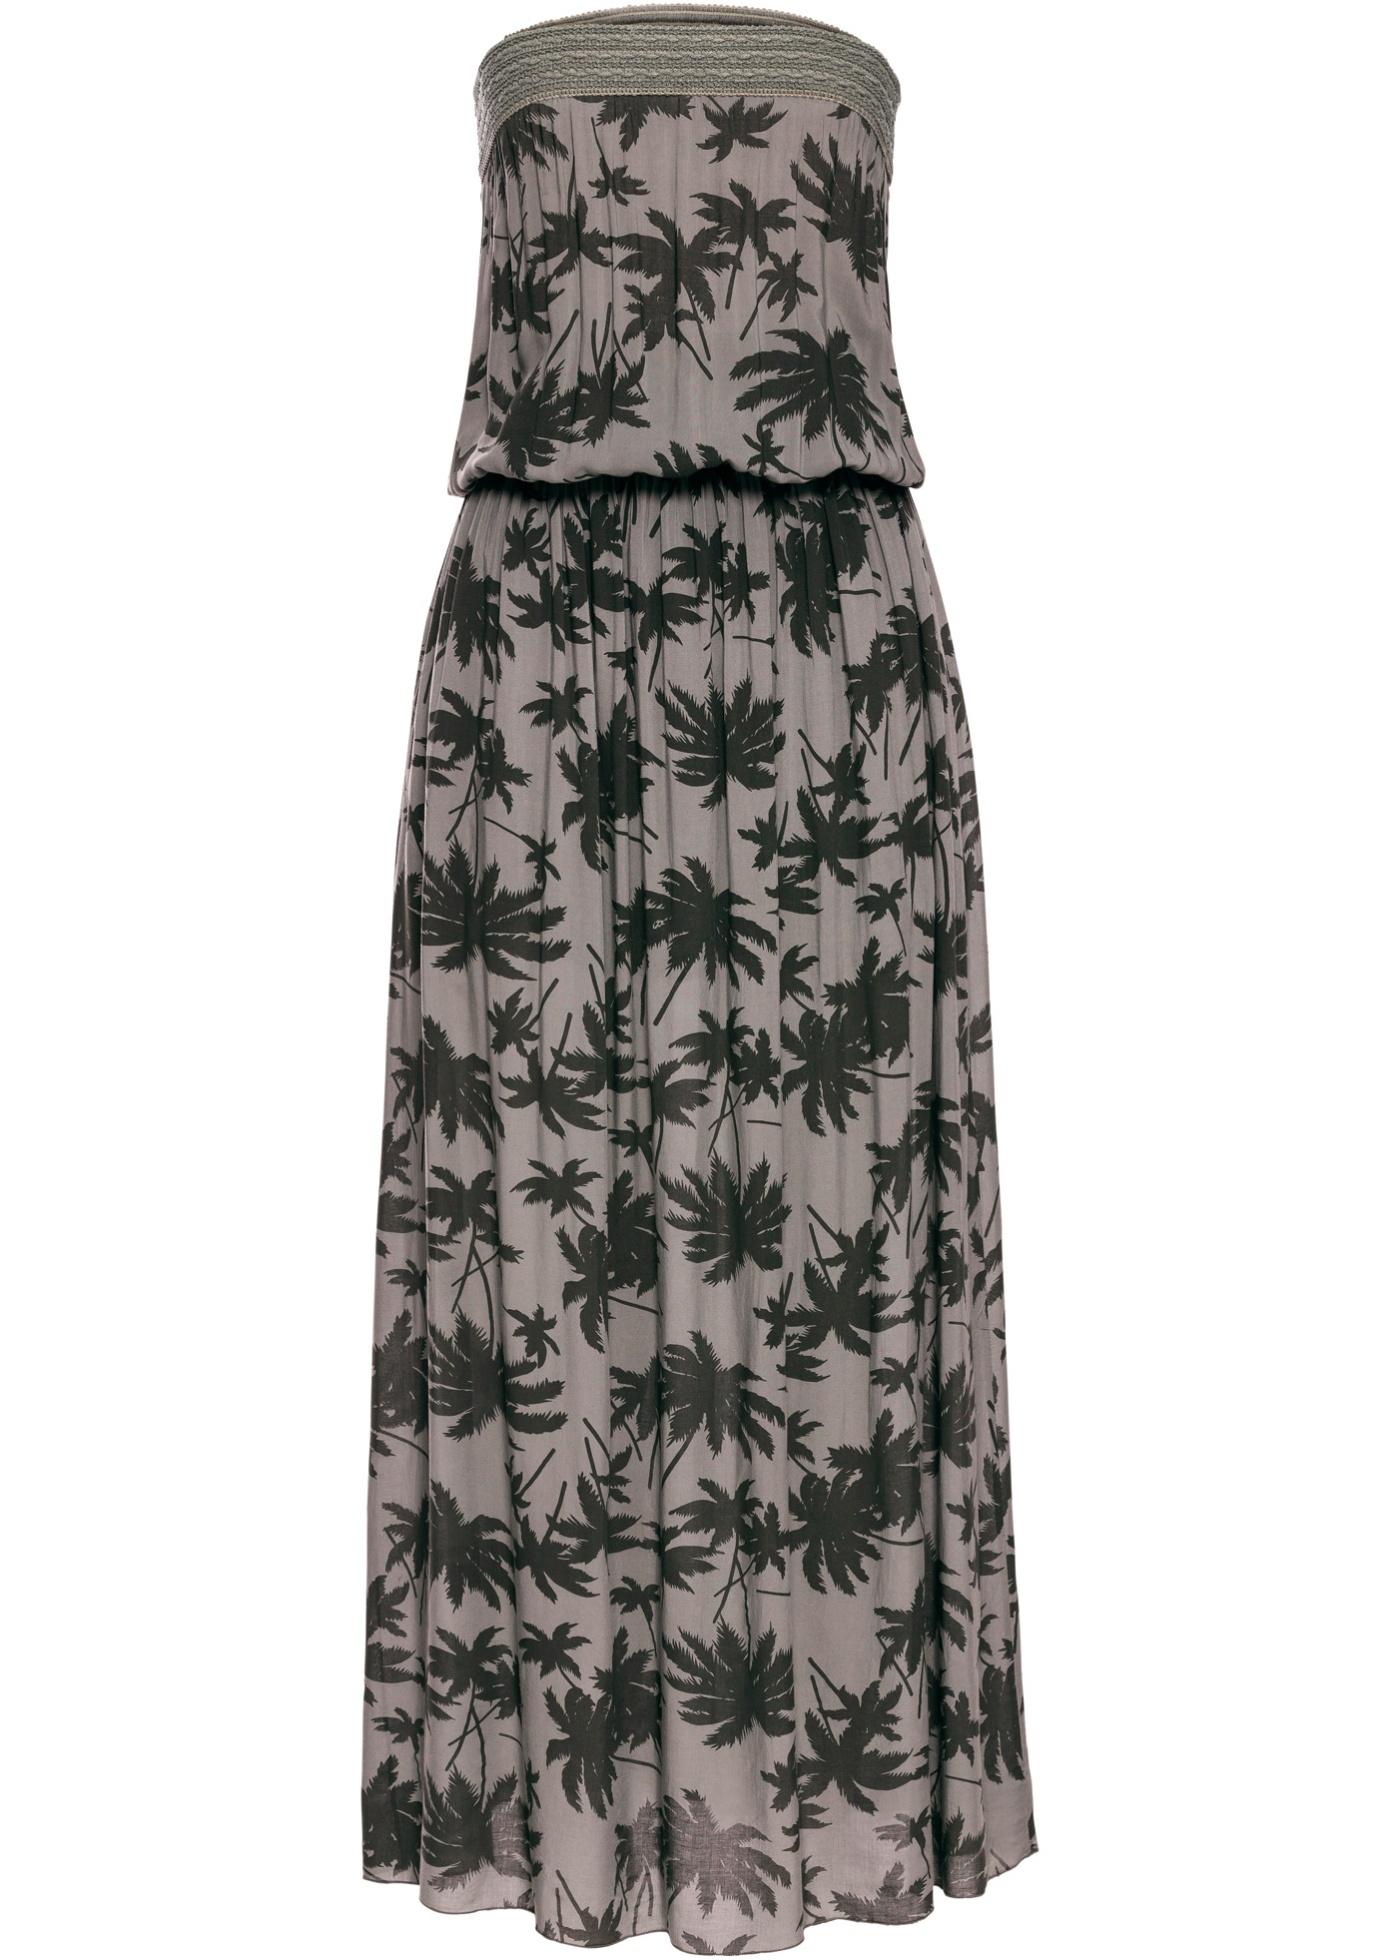 Bandážové dlouhé šaty s palmami - Zelená b55fbe3bde